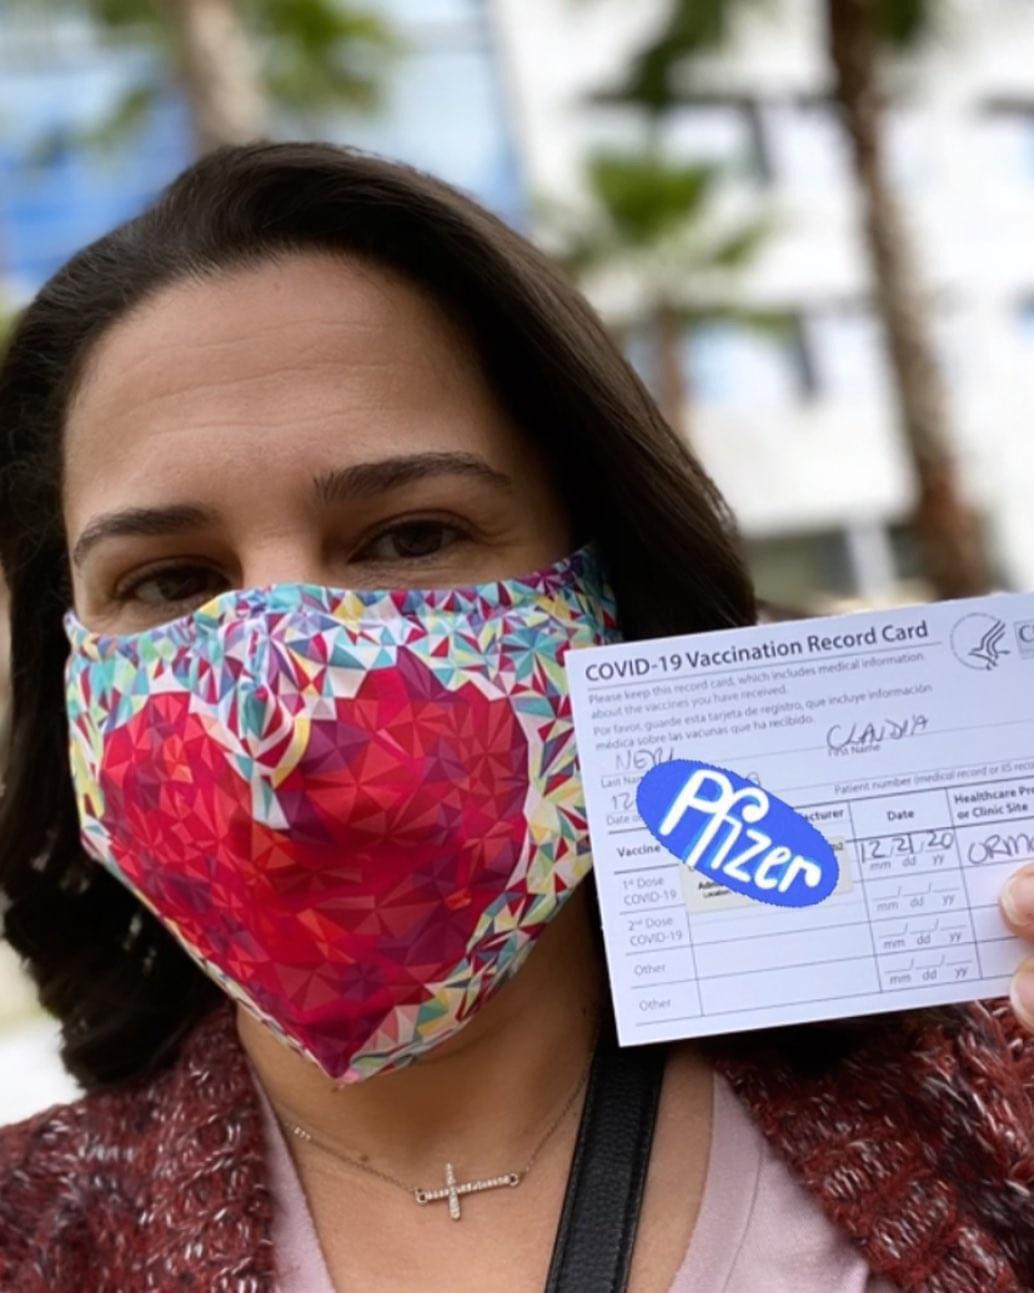 Fisioterapeuta brasileira em Orlando recebe dose da vacina contra Covid-19